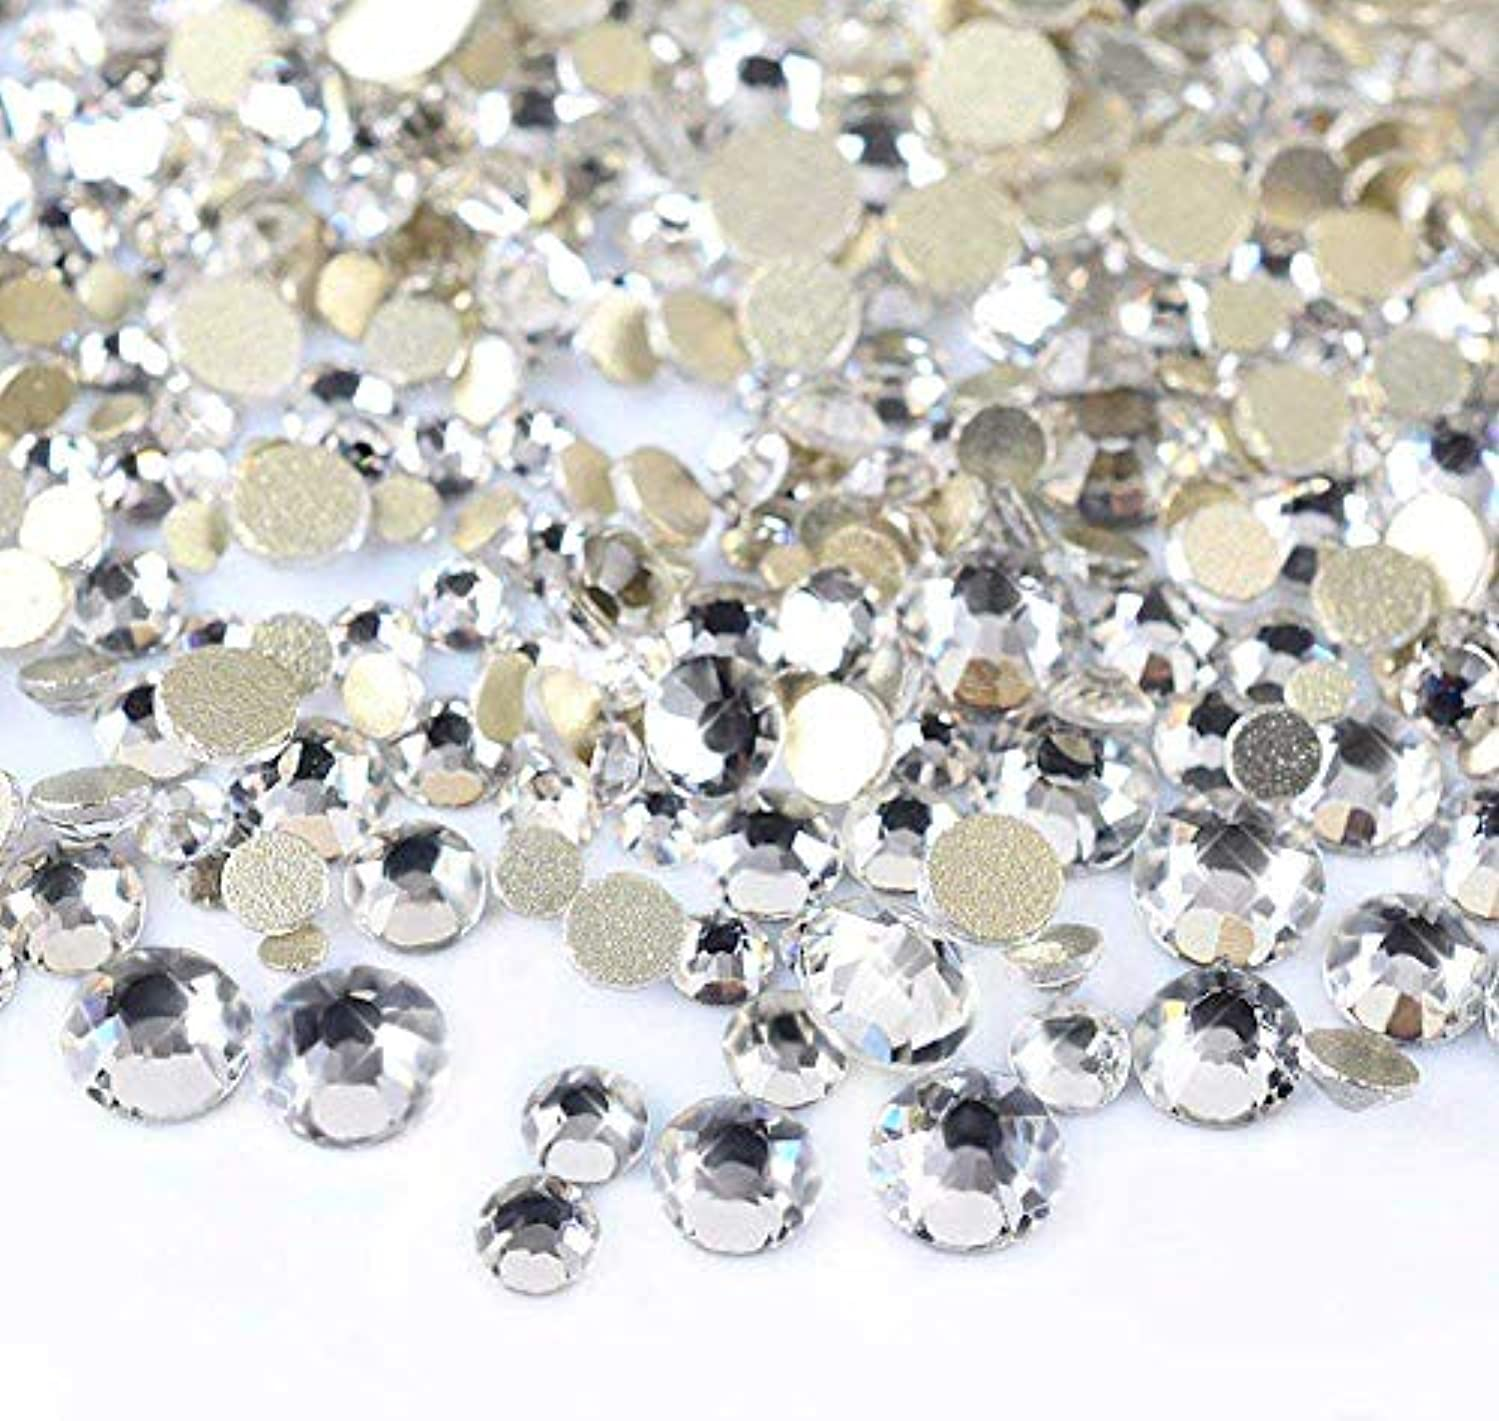 拒絶するパシフィック切断するTigre Amore ラインストーン ネイル用ストーン ガラス 製 大容量 5000粒 セット